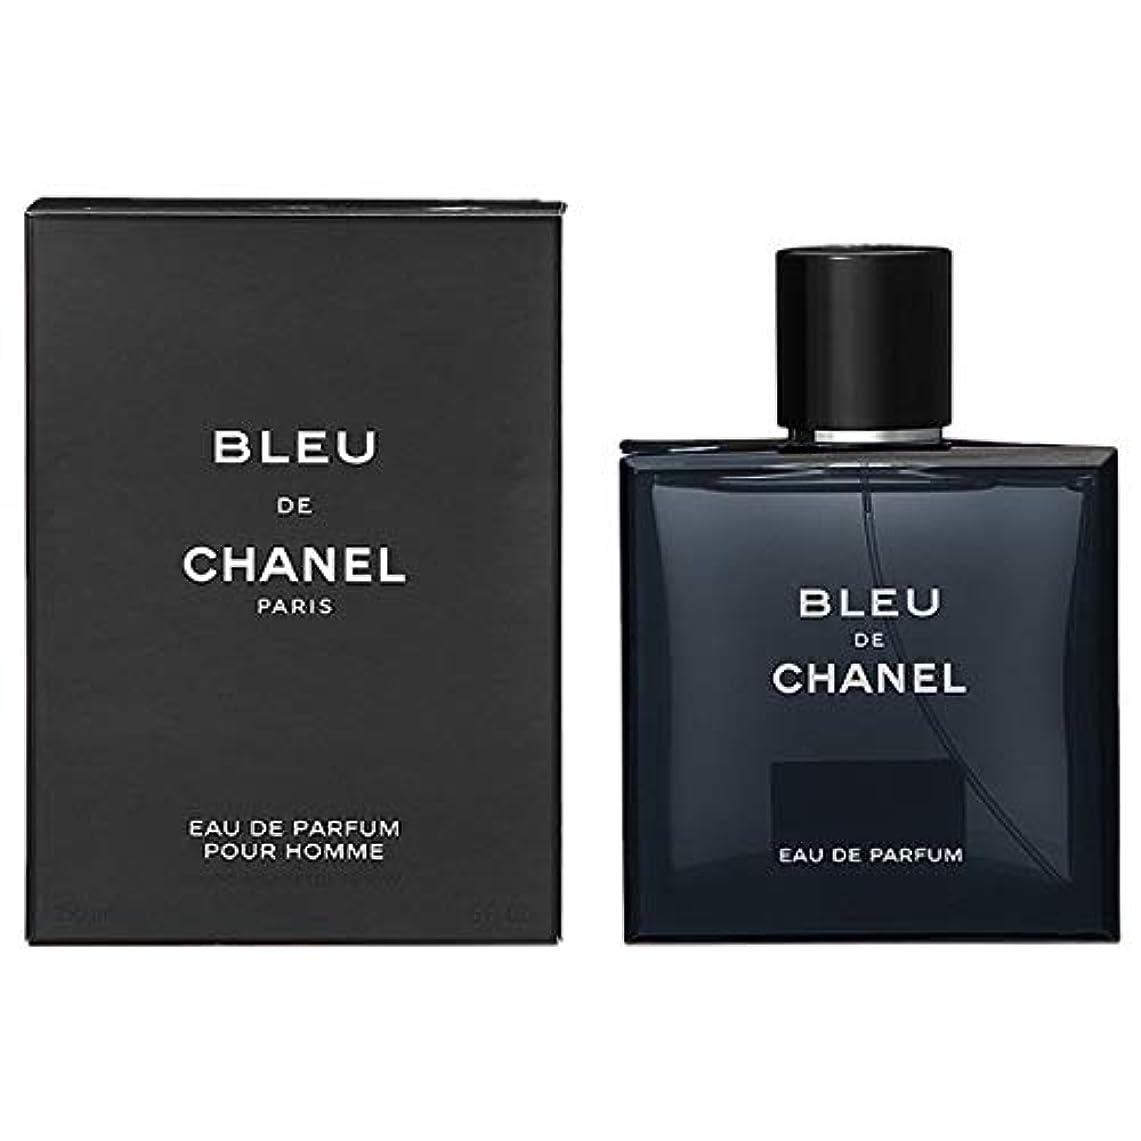 飲料彼の写真のシャネル CHANEL ブルー ドゥ シャネル オードパルファム 150ml EDP SP fs 【並行輸入品】